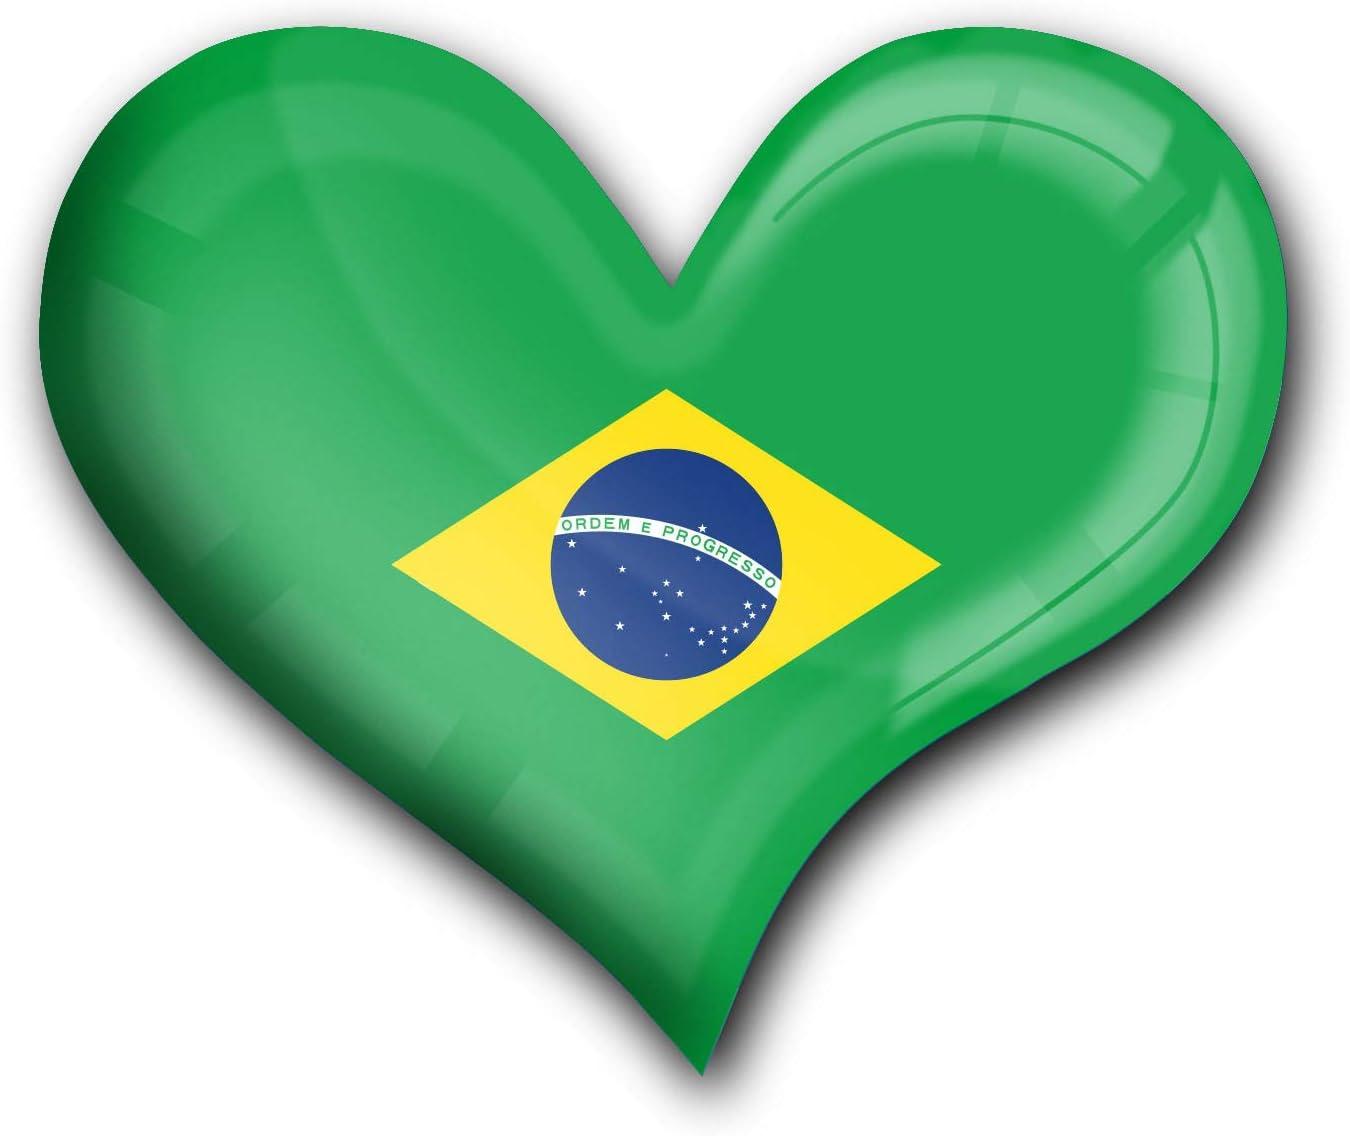 Super Magnetei//calamita durevole per il frigo al neodimio in forma di cuoreBandiera il Brasile